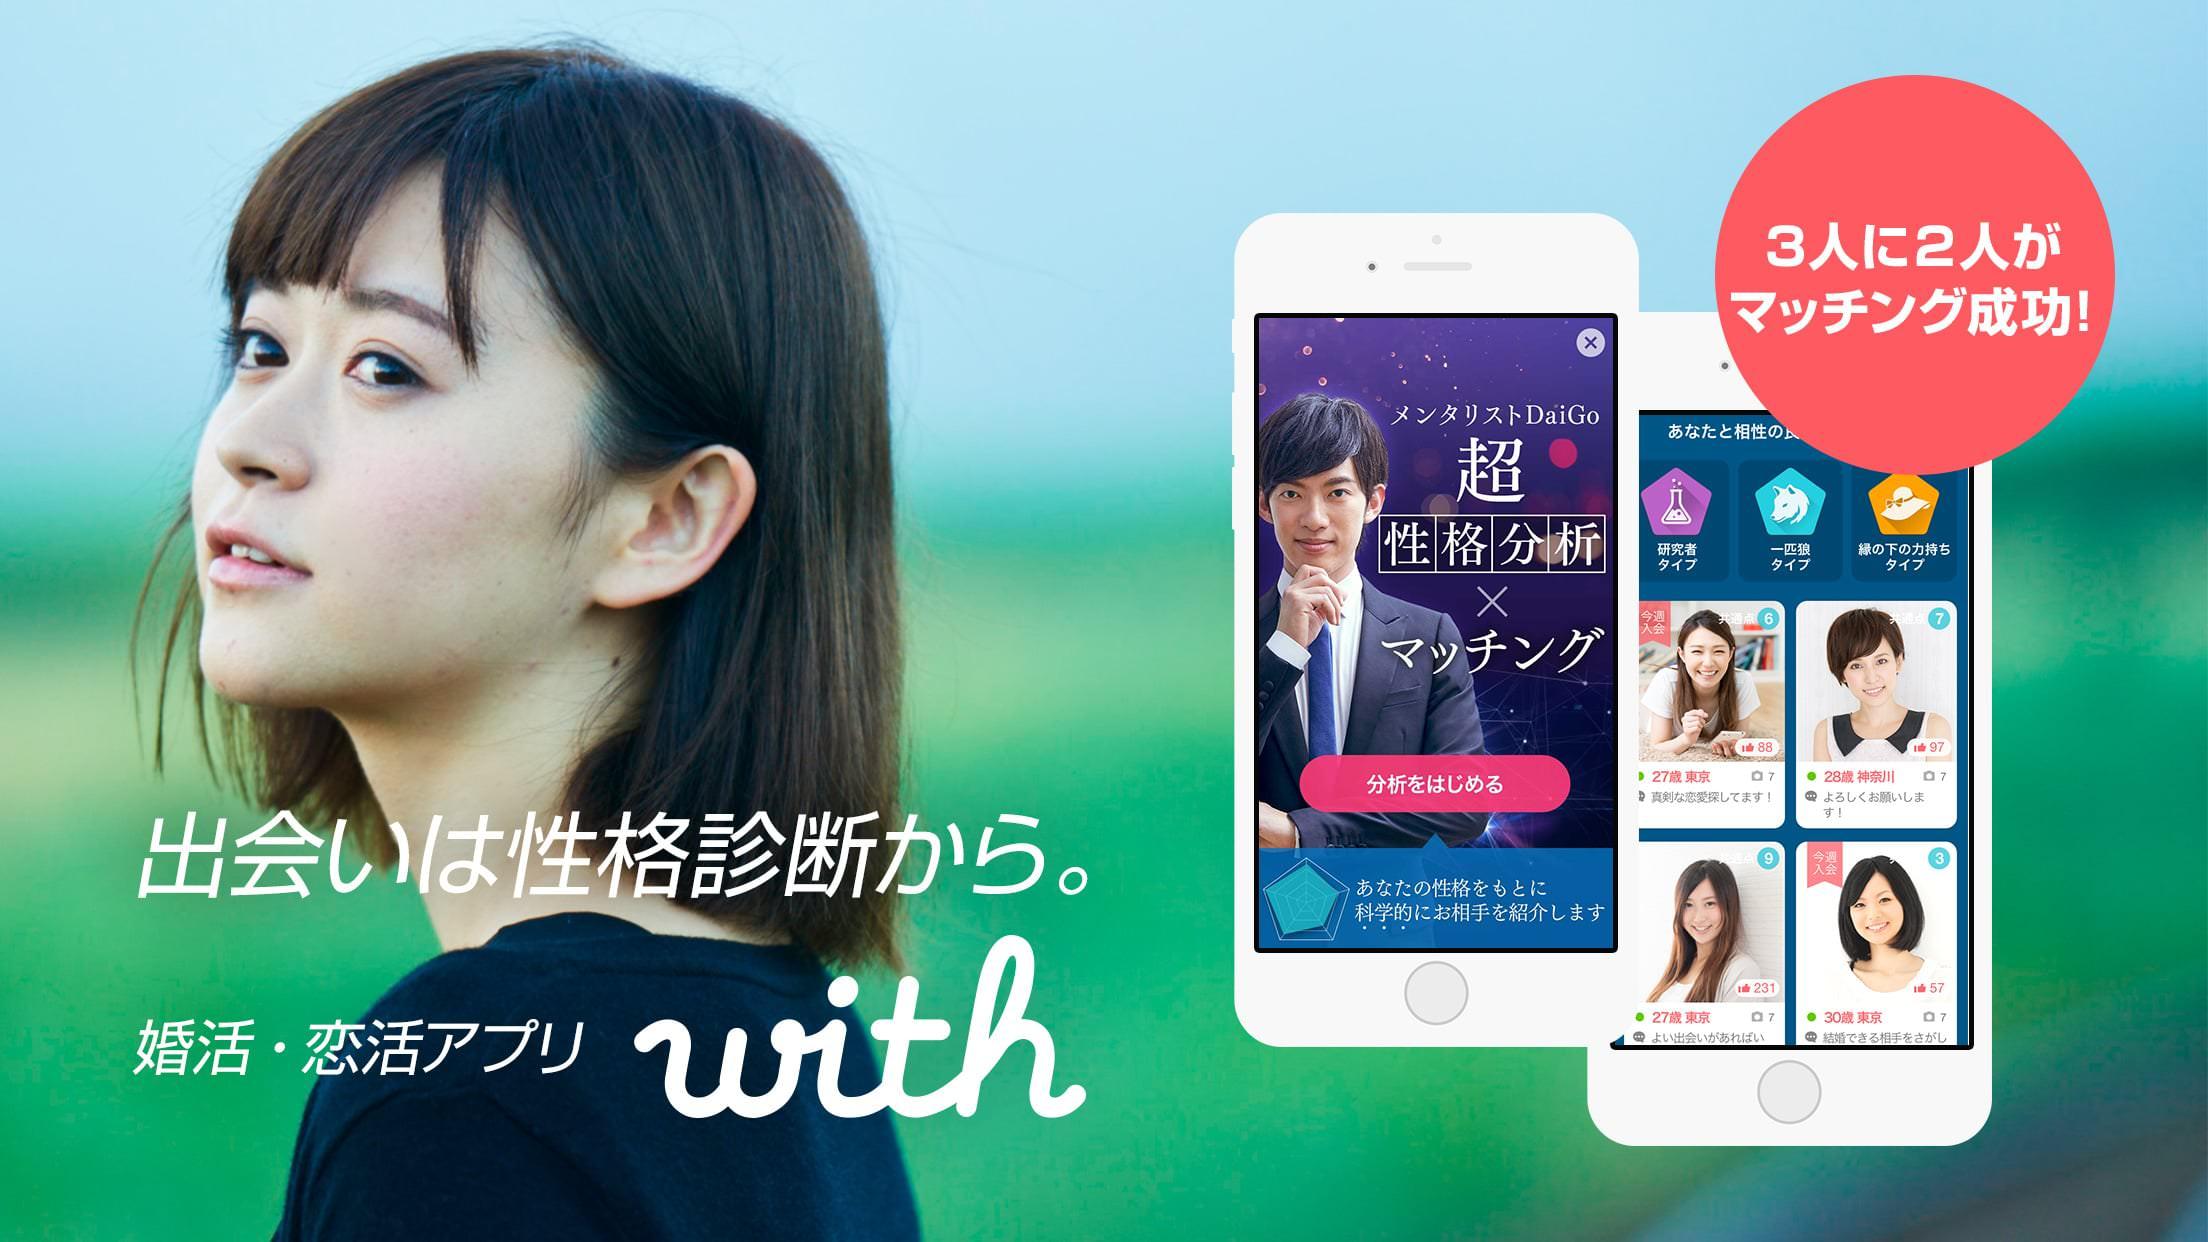 マッチングアプリ「with」の公式ページ